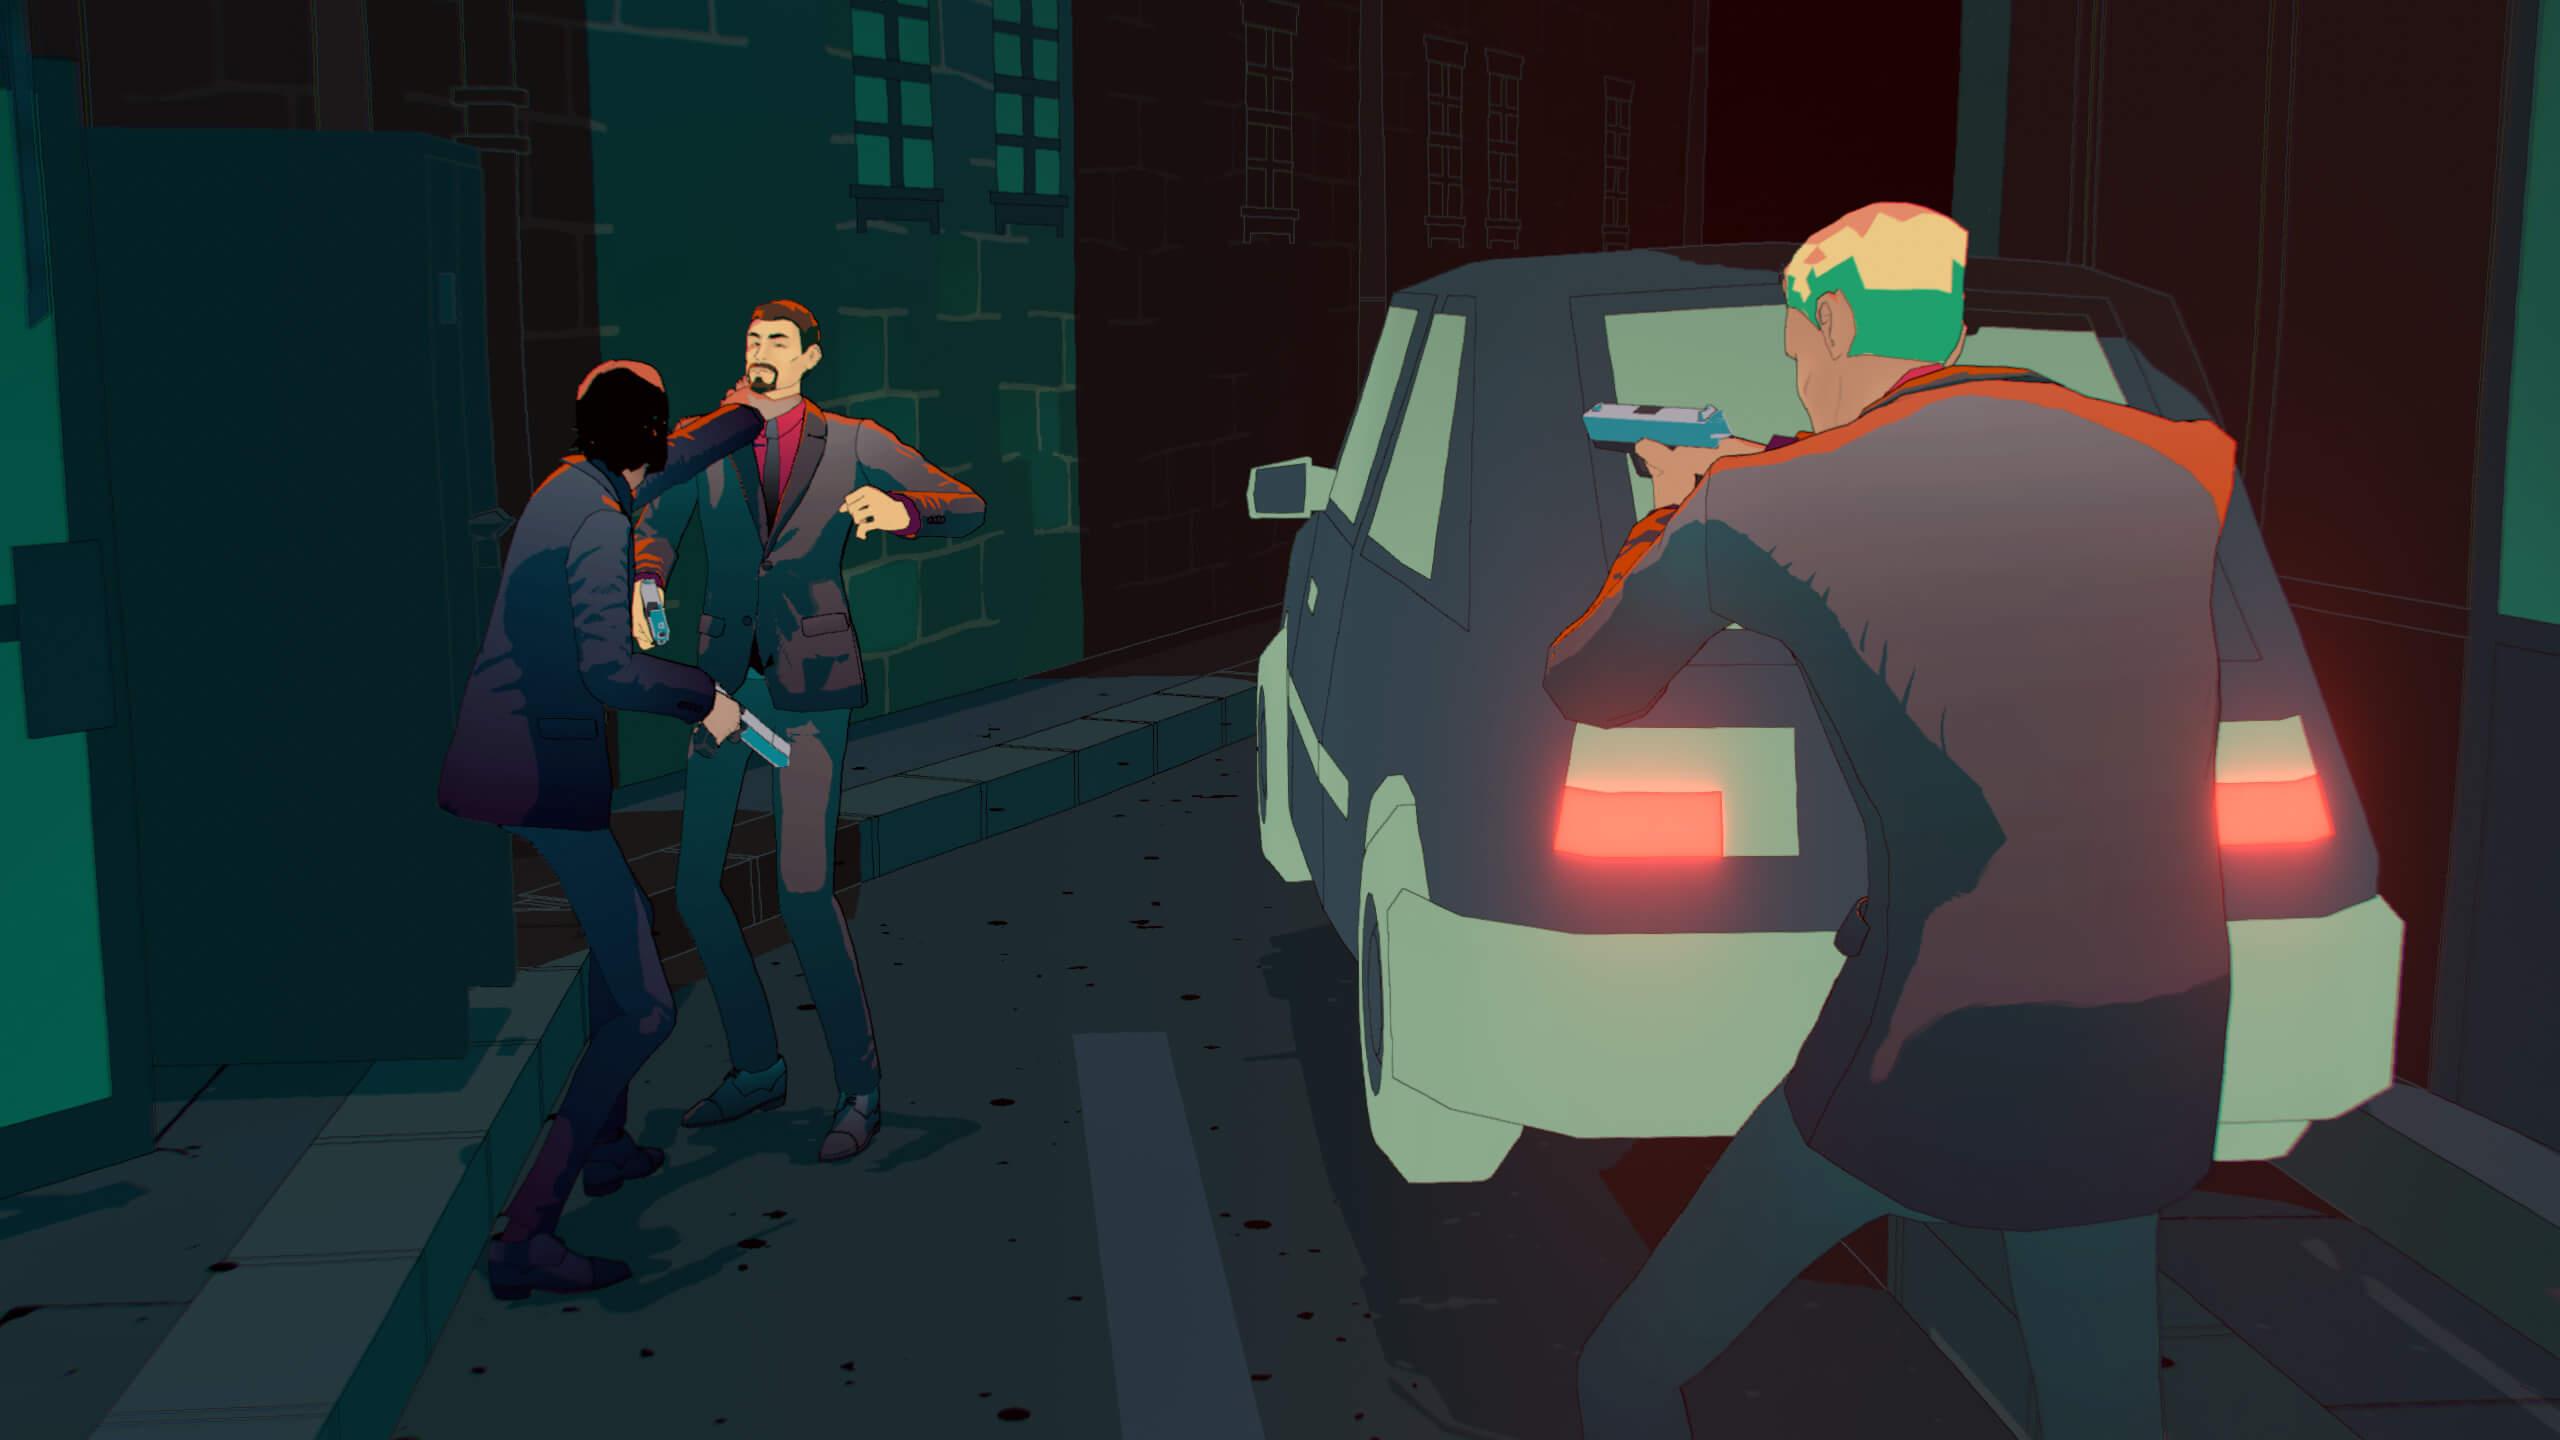 「ジョン・ウィック」の前日譚描く『John Wick Hex』配信開始。映画原作の「ガン・フー」を、ストラテジーゲームとして再現する試み